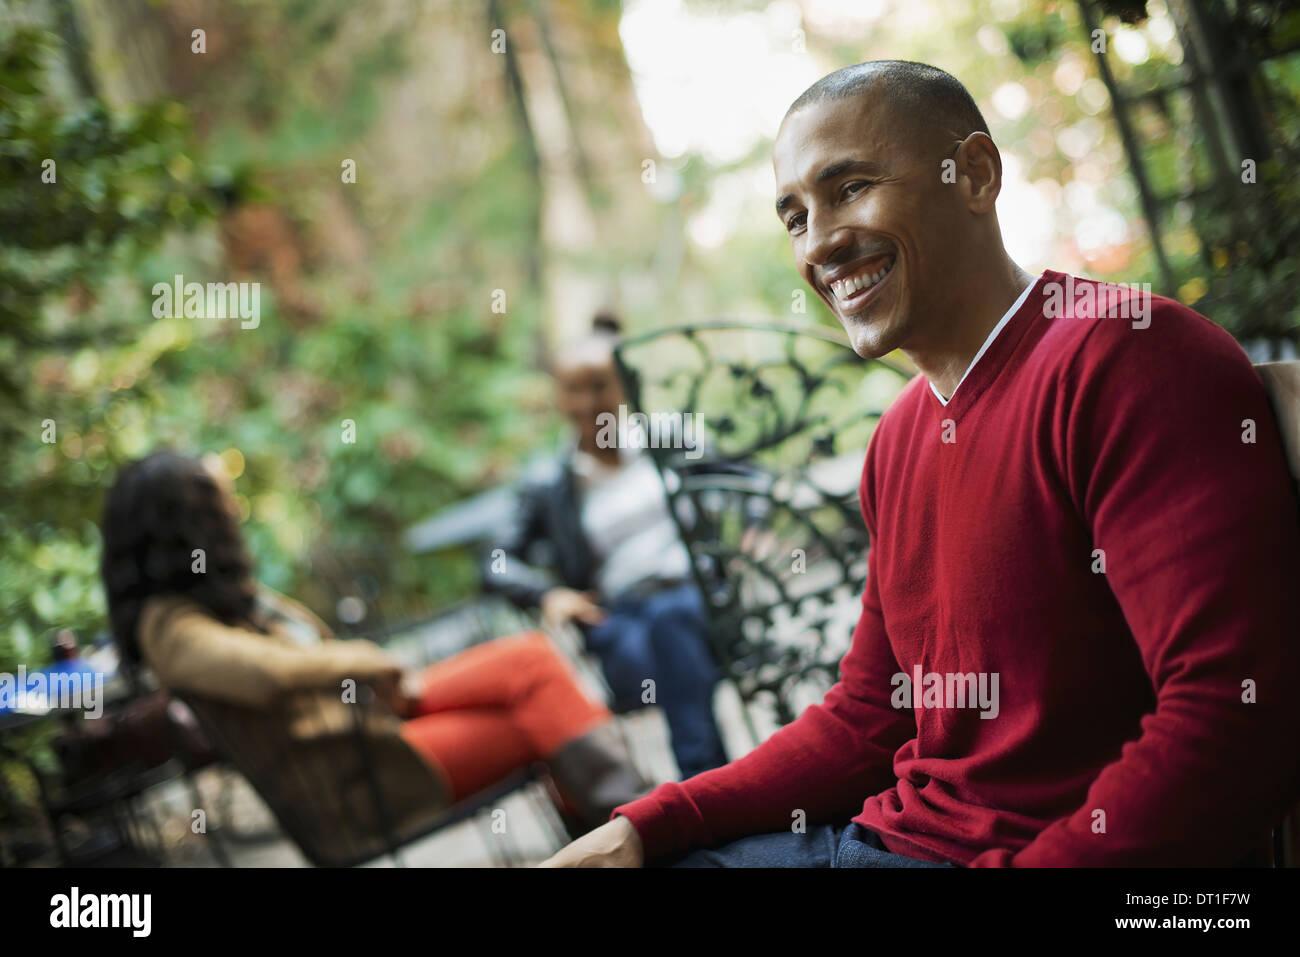 Szenen aus dem städtischen Leben in New York City drei Leute sitzen in einem Platz im freien Mann Frau und Stockbild